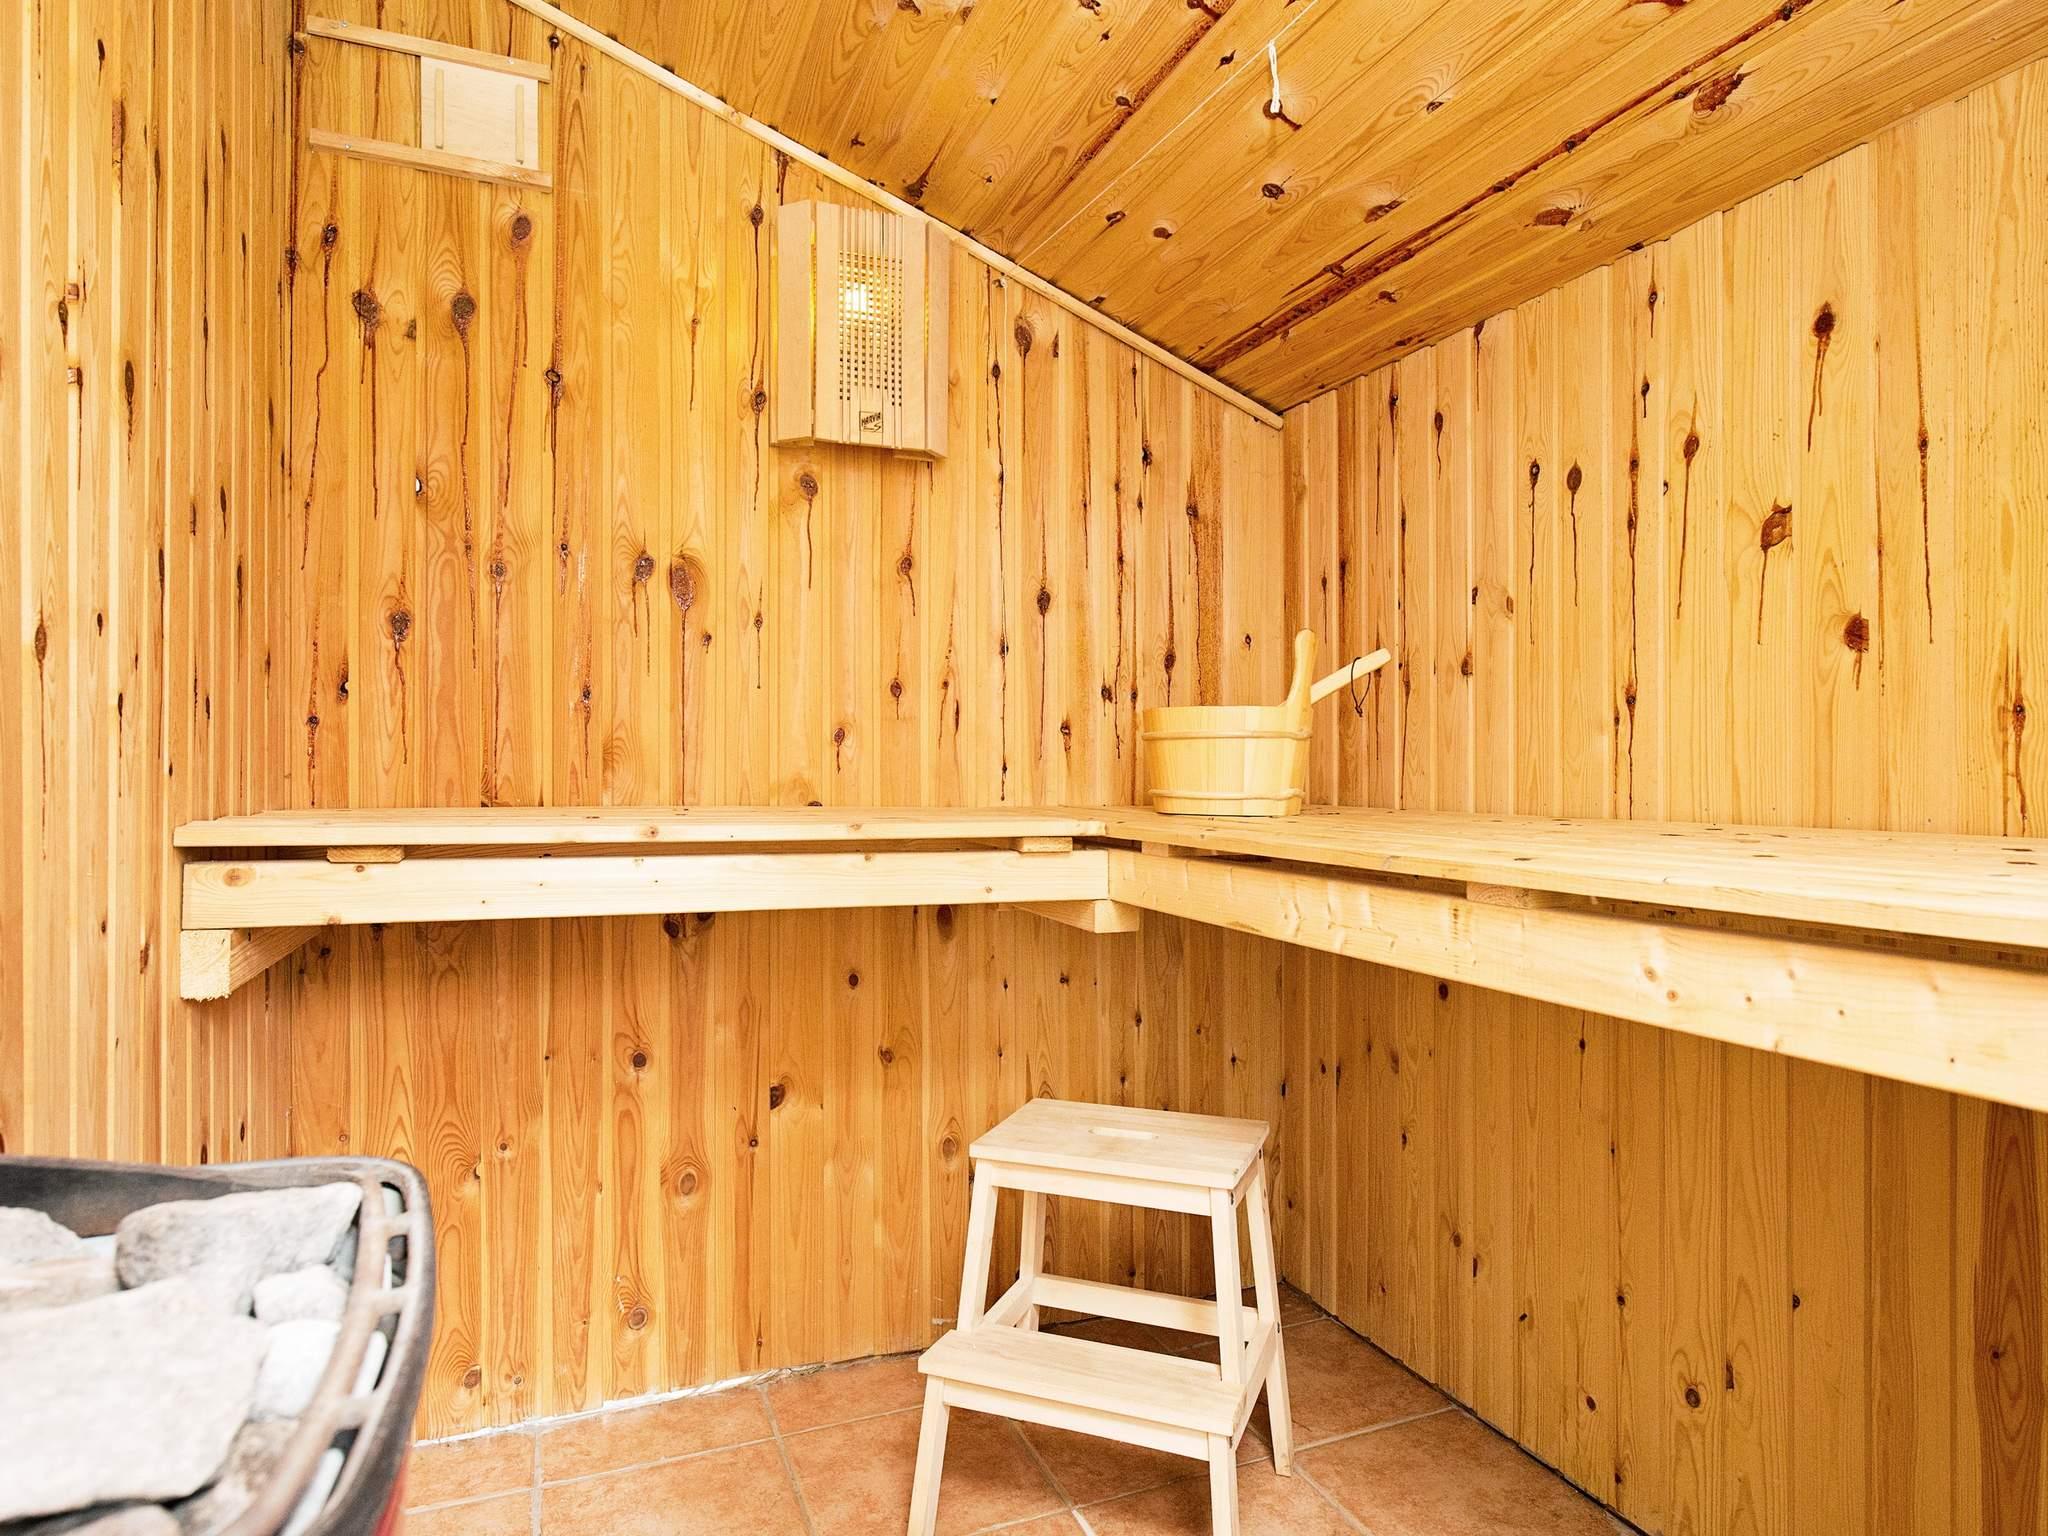 Ferienhaus Bakkebølle Strand (81867), Bakkebølle Strand, , Südseeland, Dänemark, Bild 16